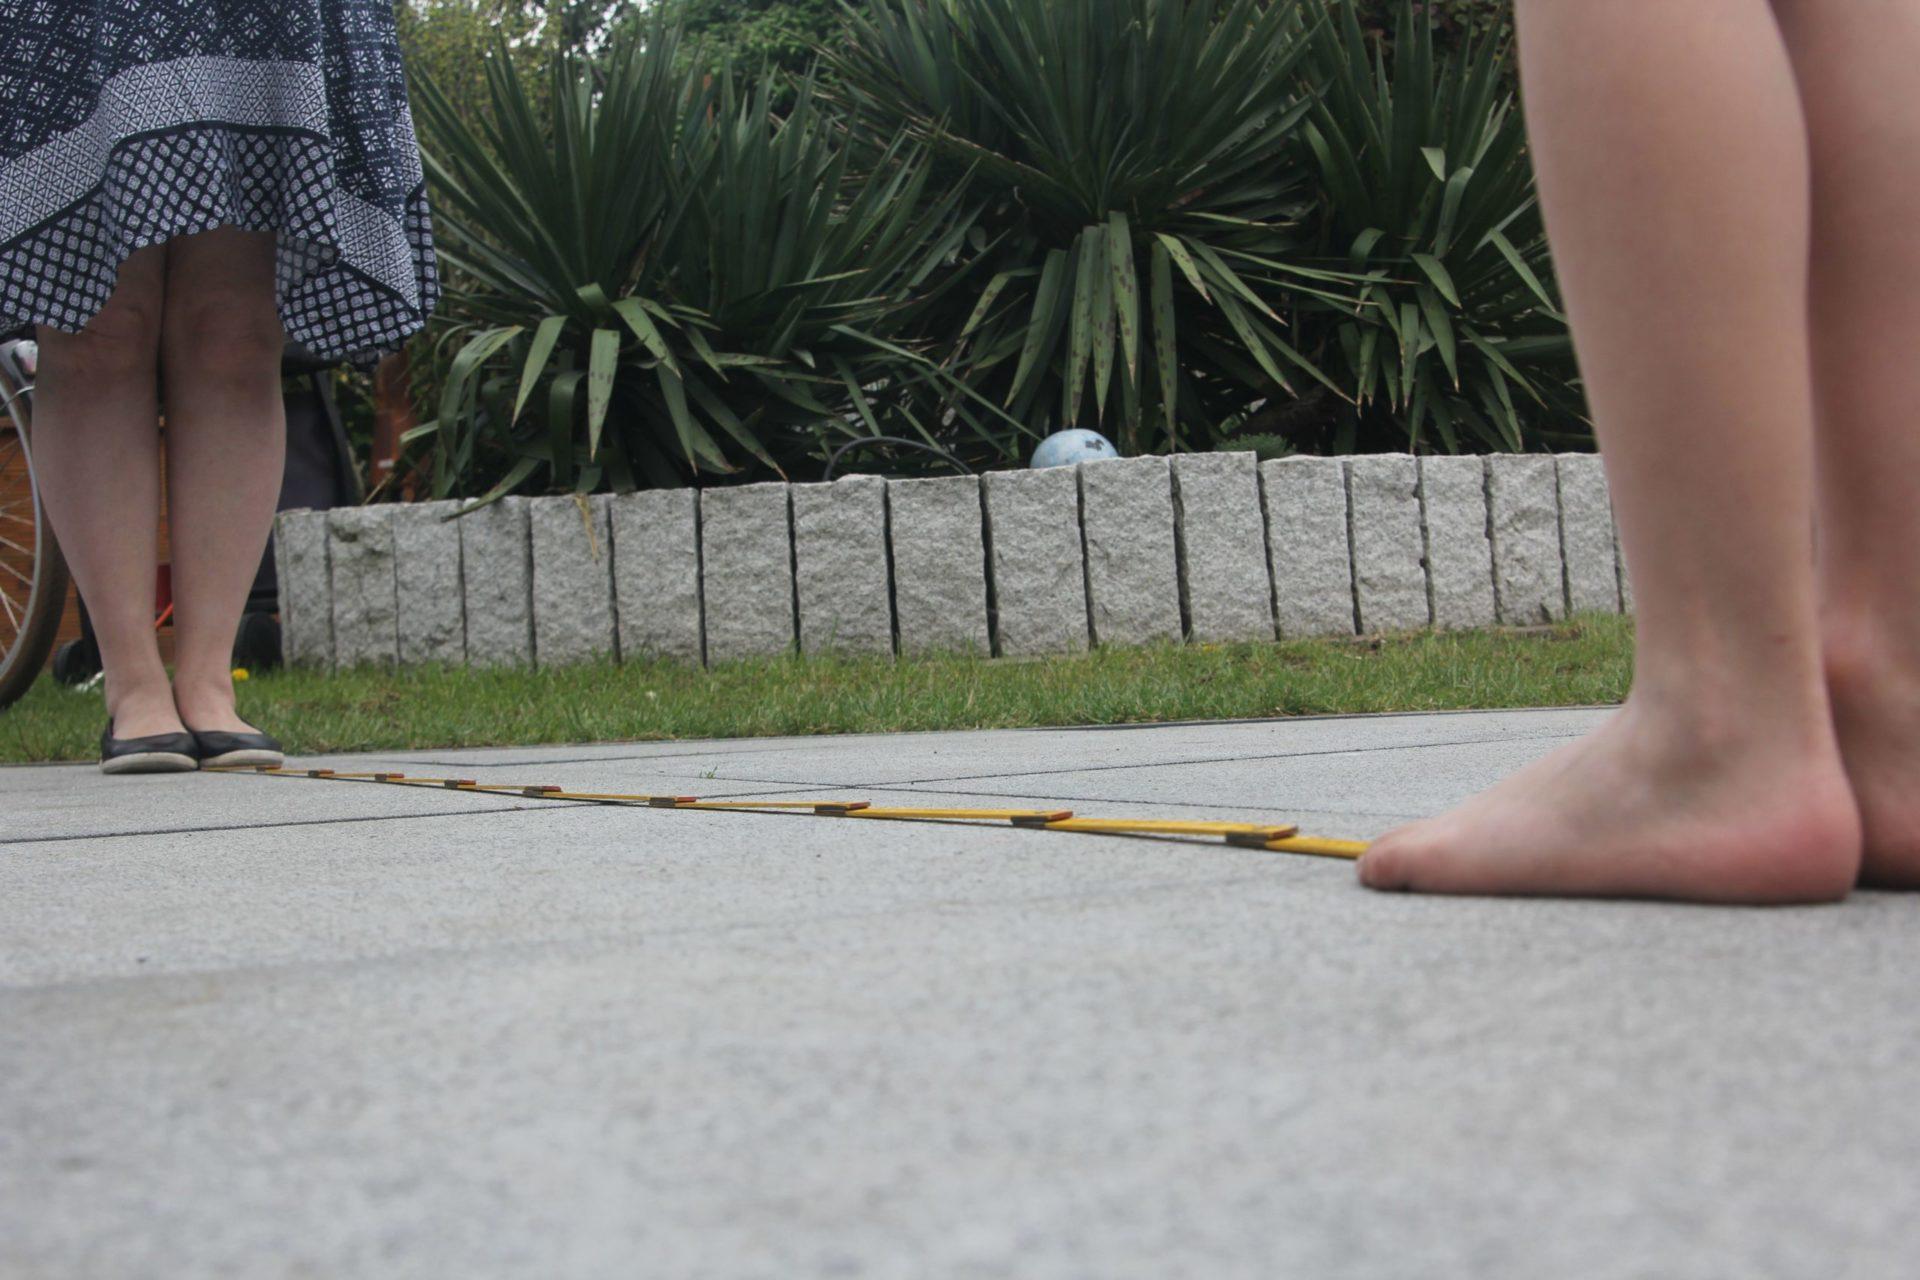 Zwei Kinder und ein Metermaß zwischen ihnen auf dem Boden